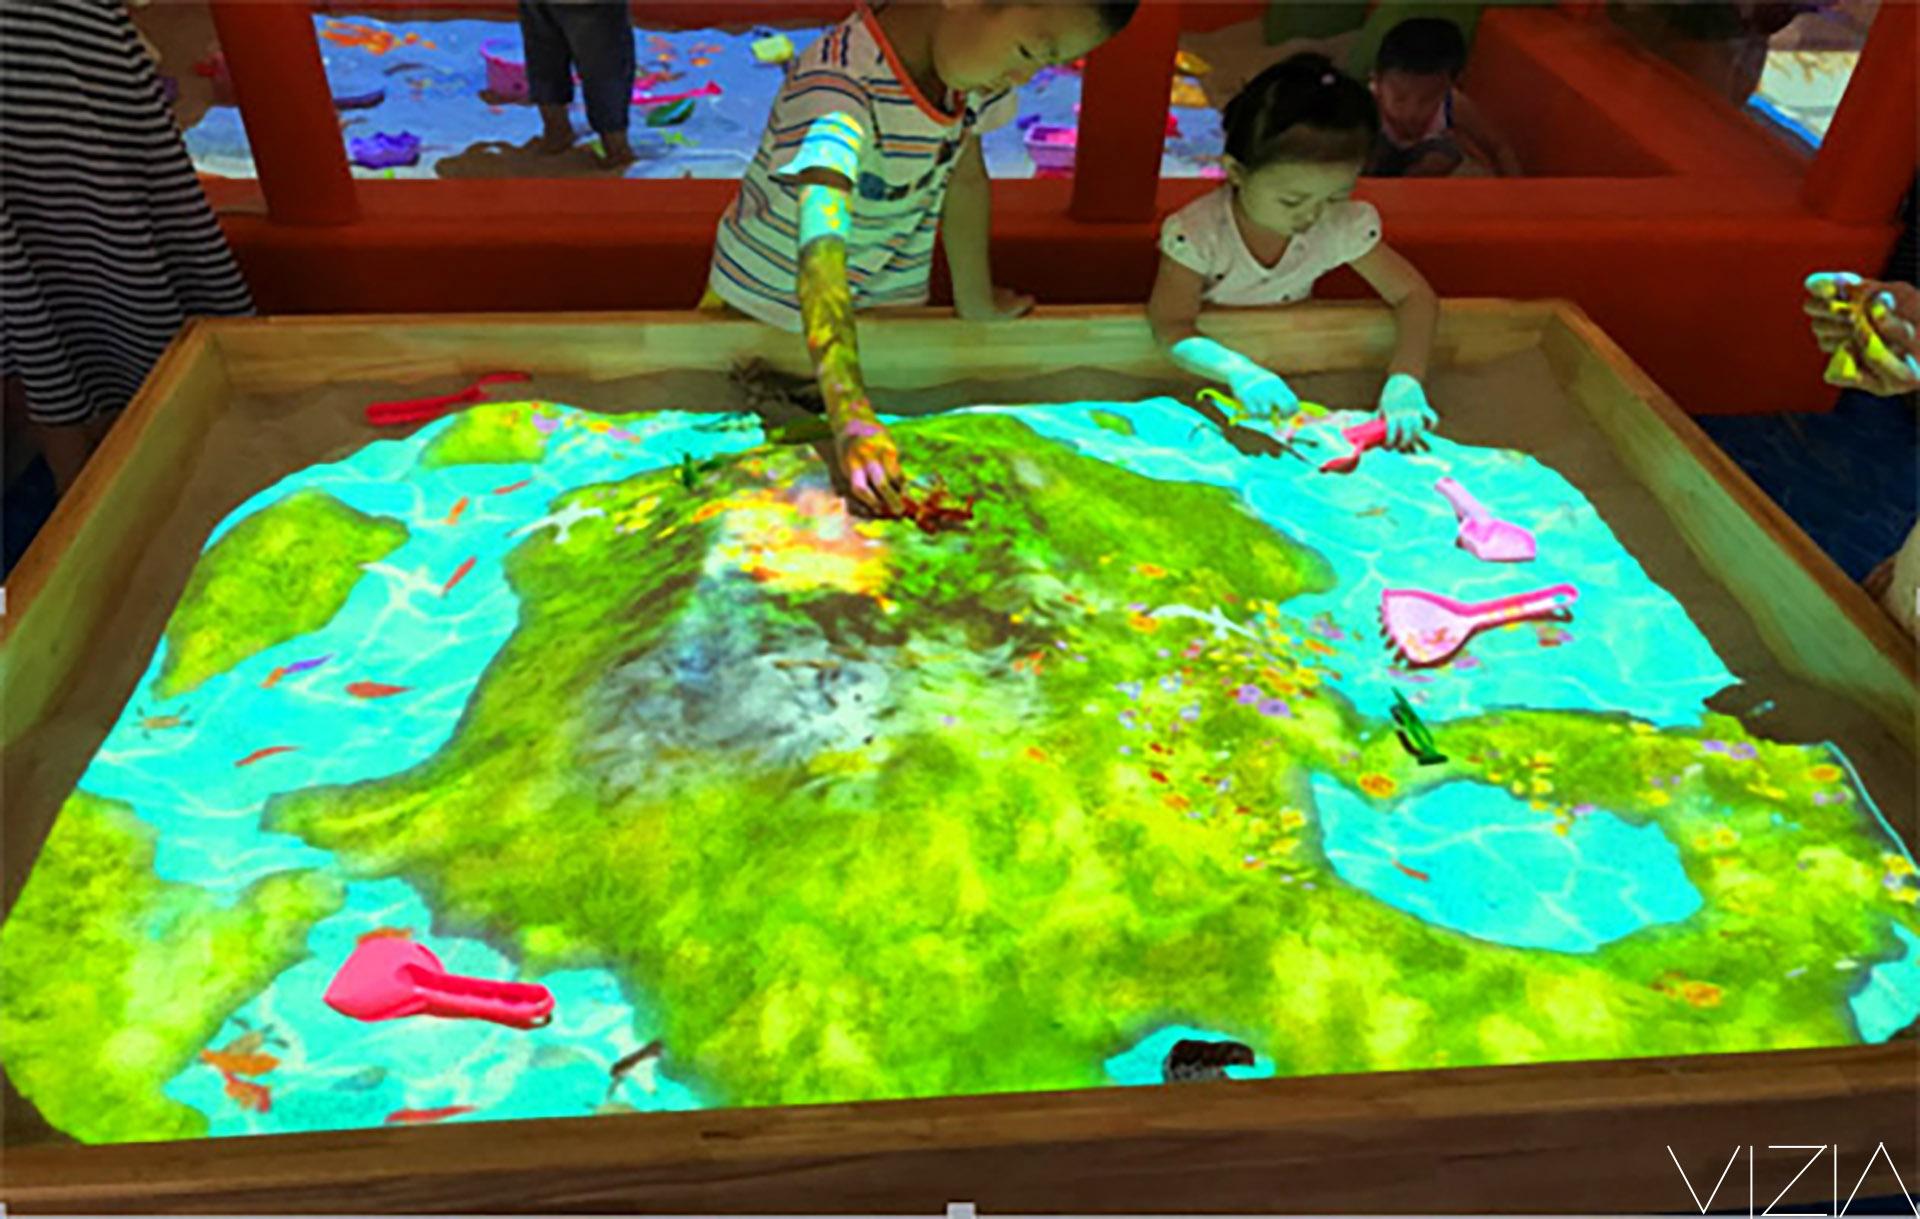 云南全息投影制作公司如何打造个性化的全息投影